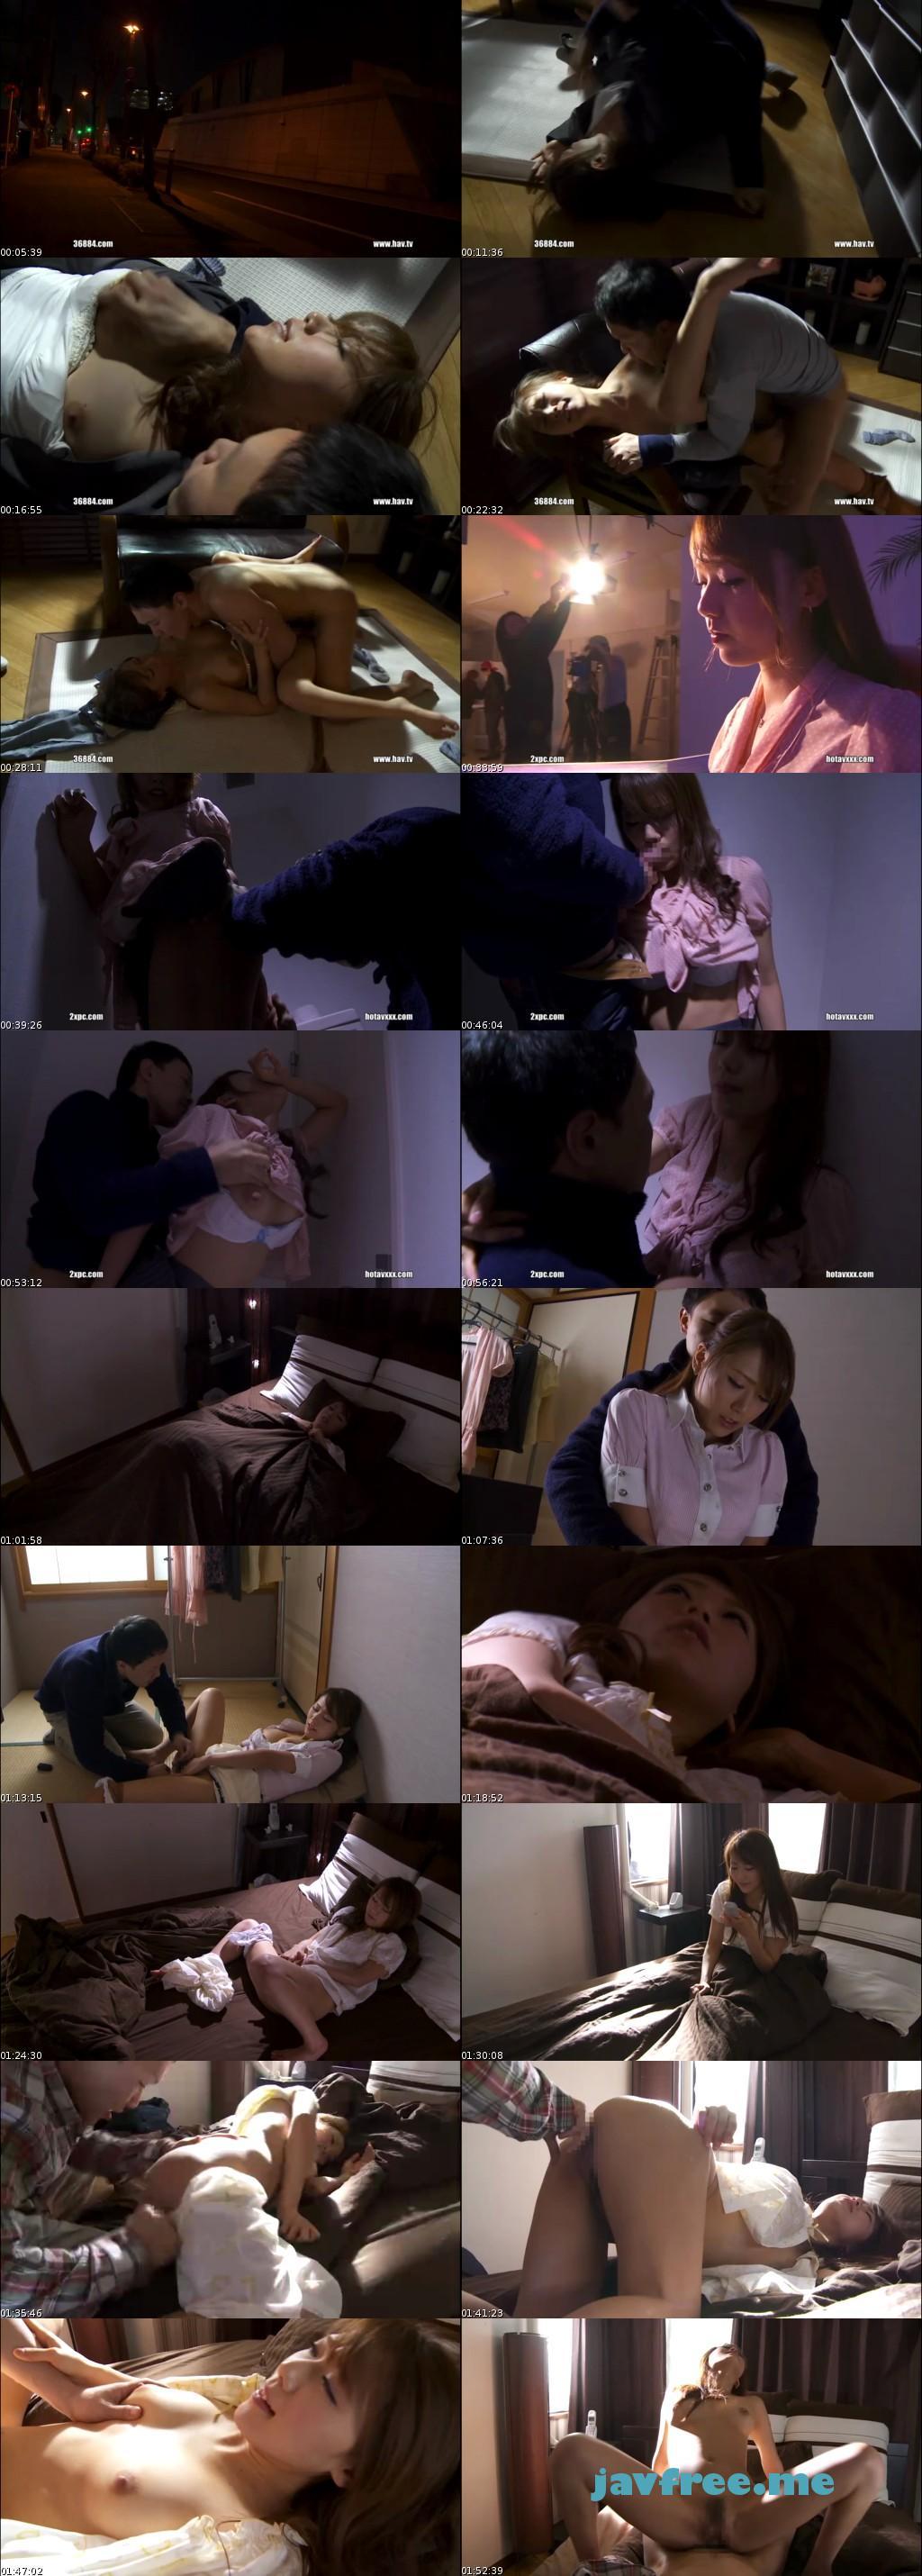 [RBD 487] 狙われた美人キャスター ストーカー 狂気の妄想恋愛の果てに… 堀咲りあ 堀咲りあ RBD